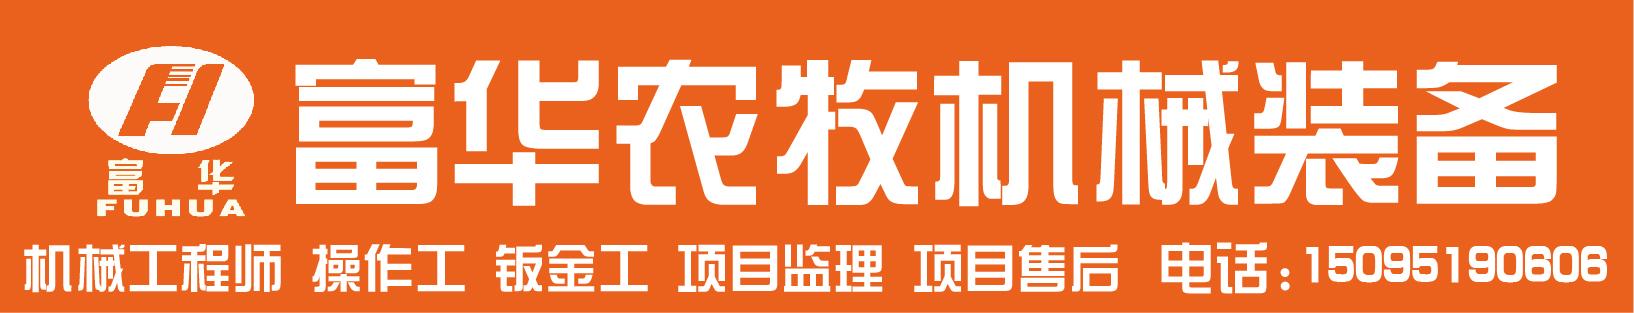 山東富華農牧機械裝備有限公司